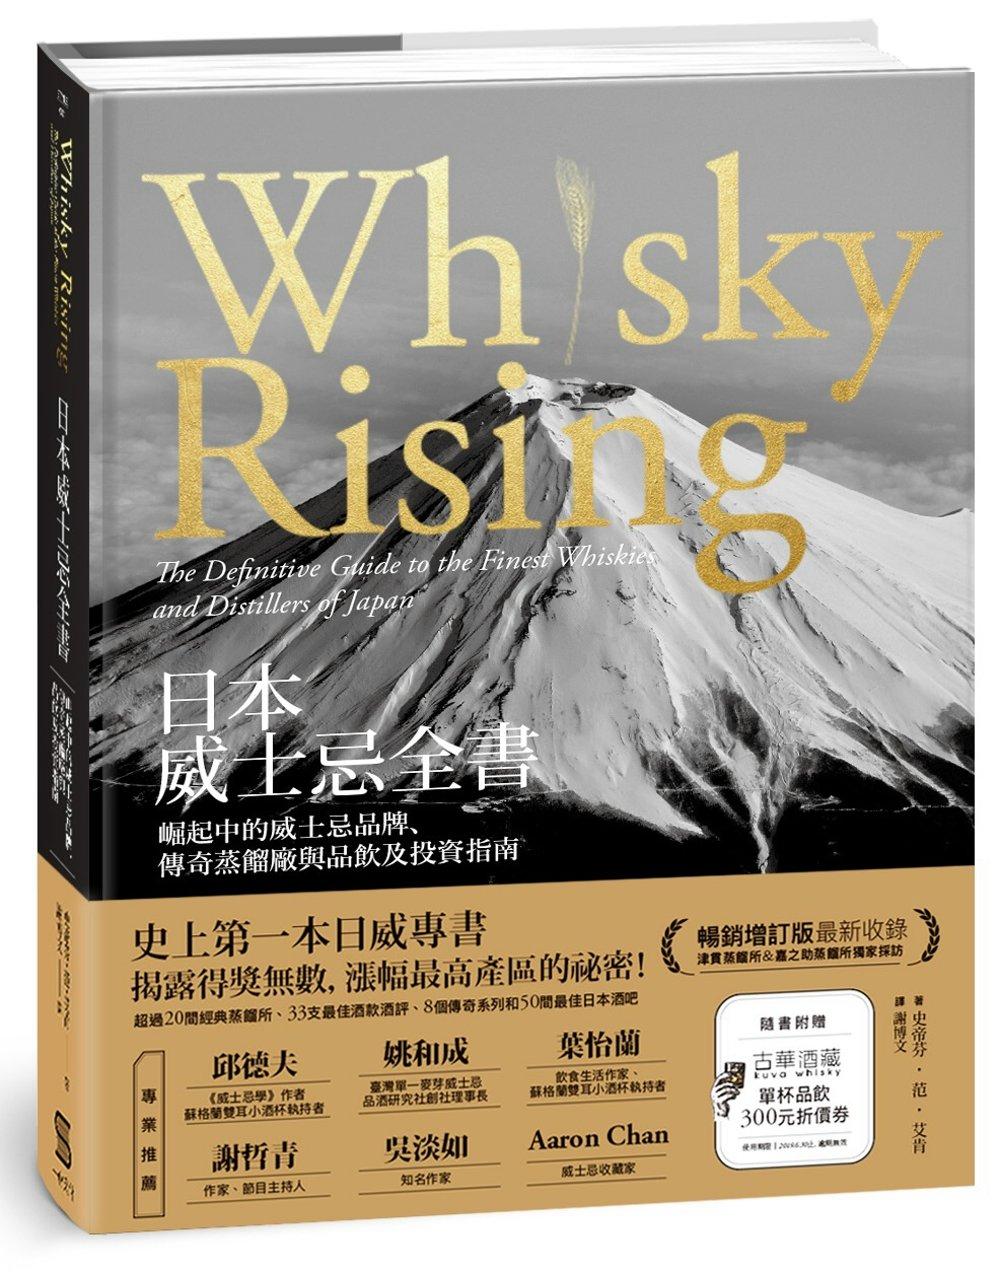 日本威士忌全書:崛起中的威士忌品牌、傳奇蒸餾廠與品飲及投資指南